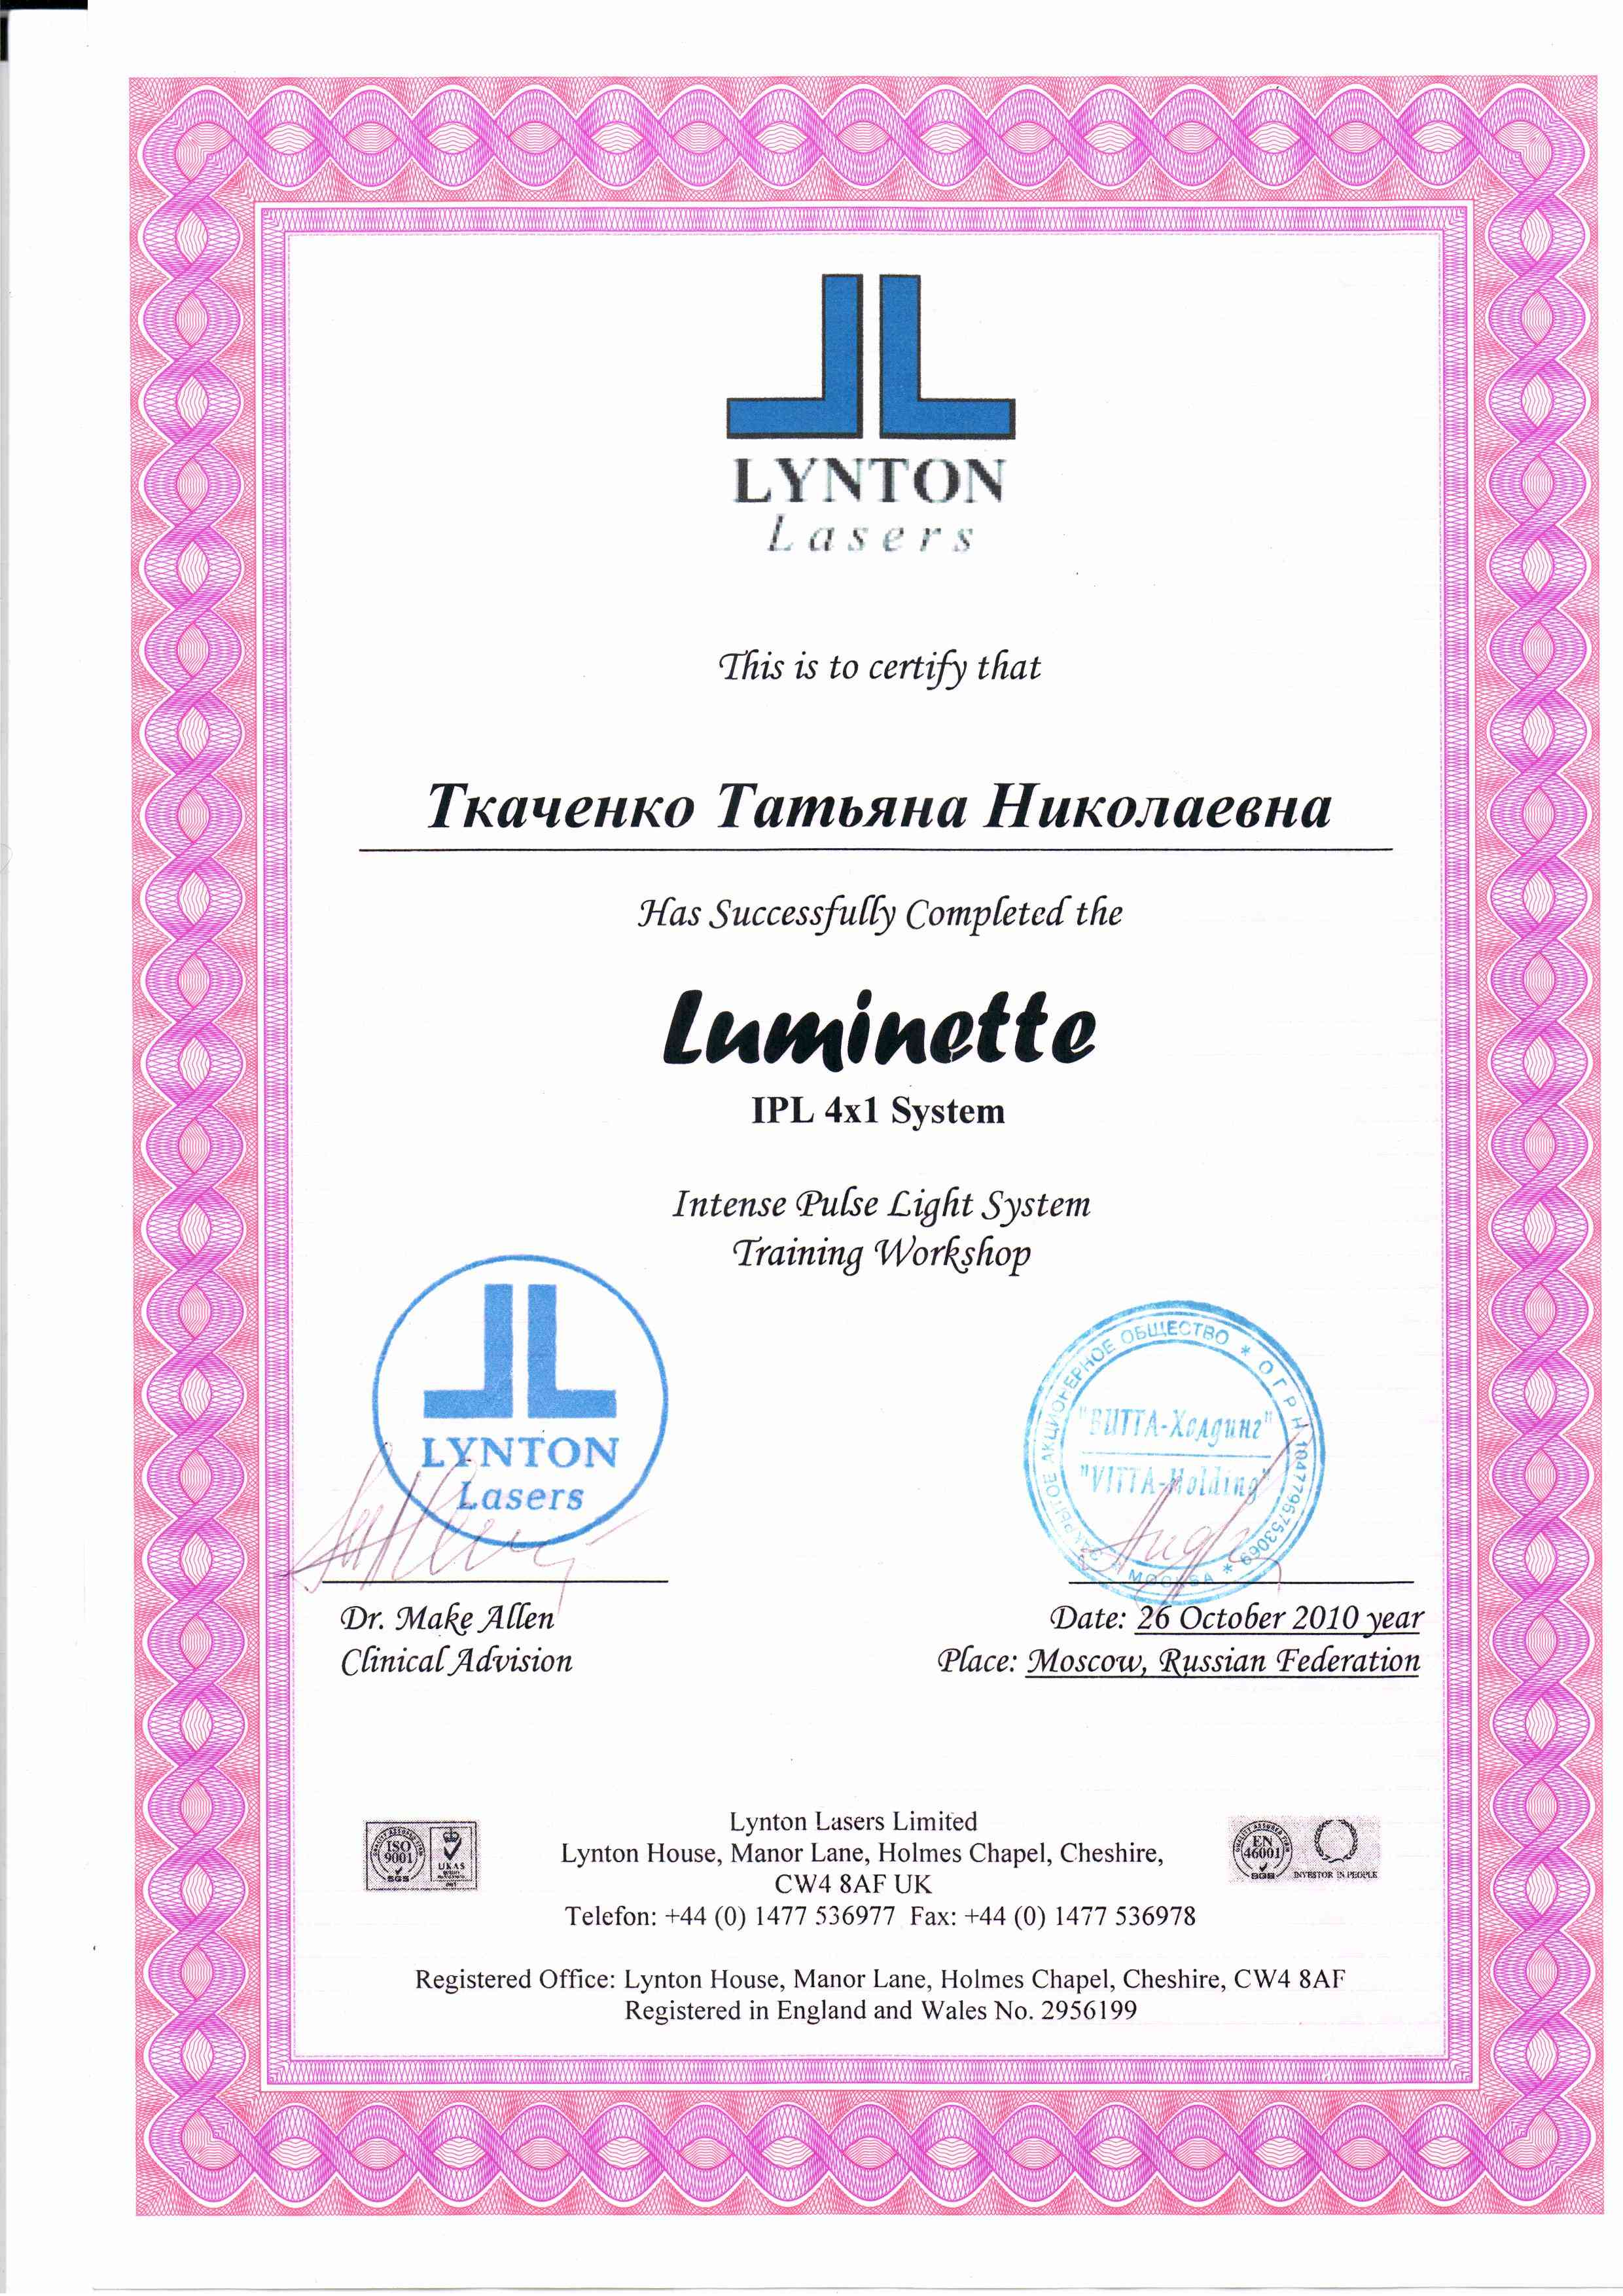 2010 Обучение на аппарате Luminette IPL 4Х1 system